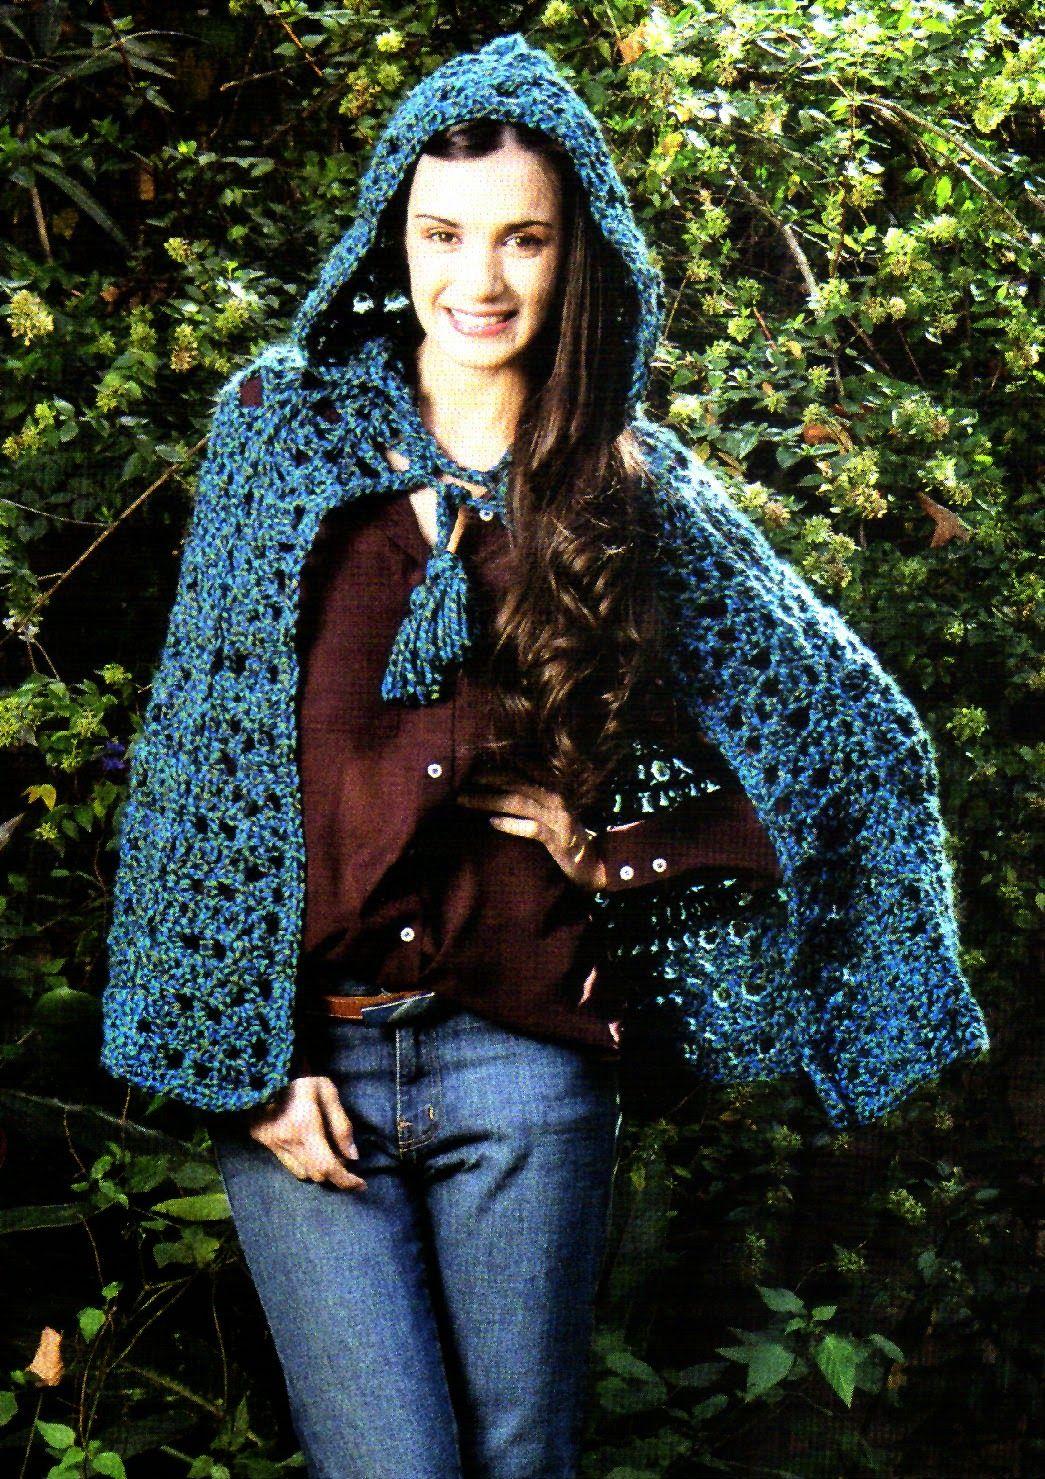 tejidos artesanales en crochet: capa con capucha en tonos azules ...